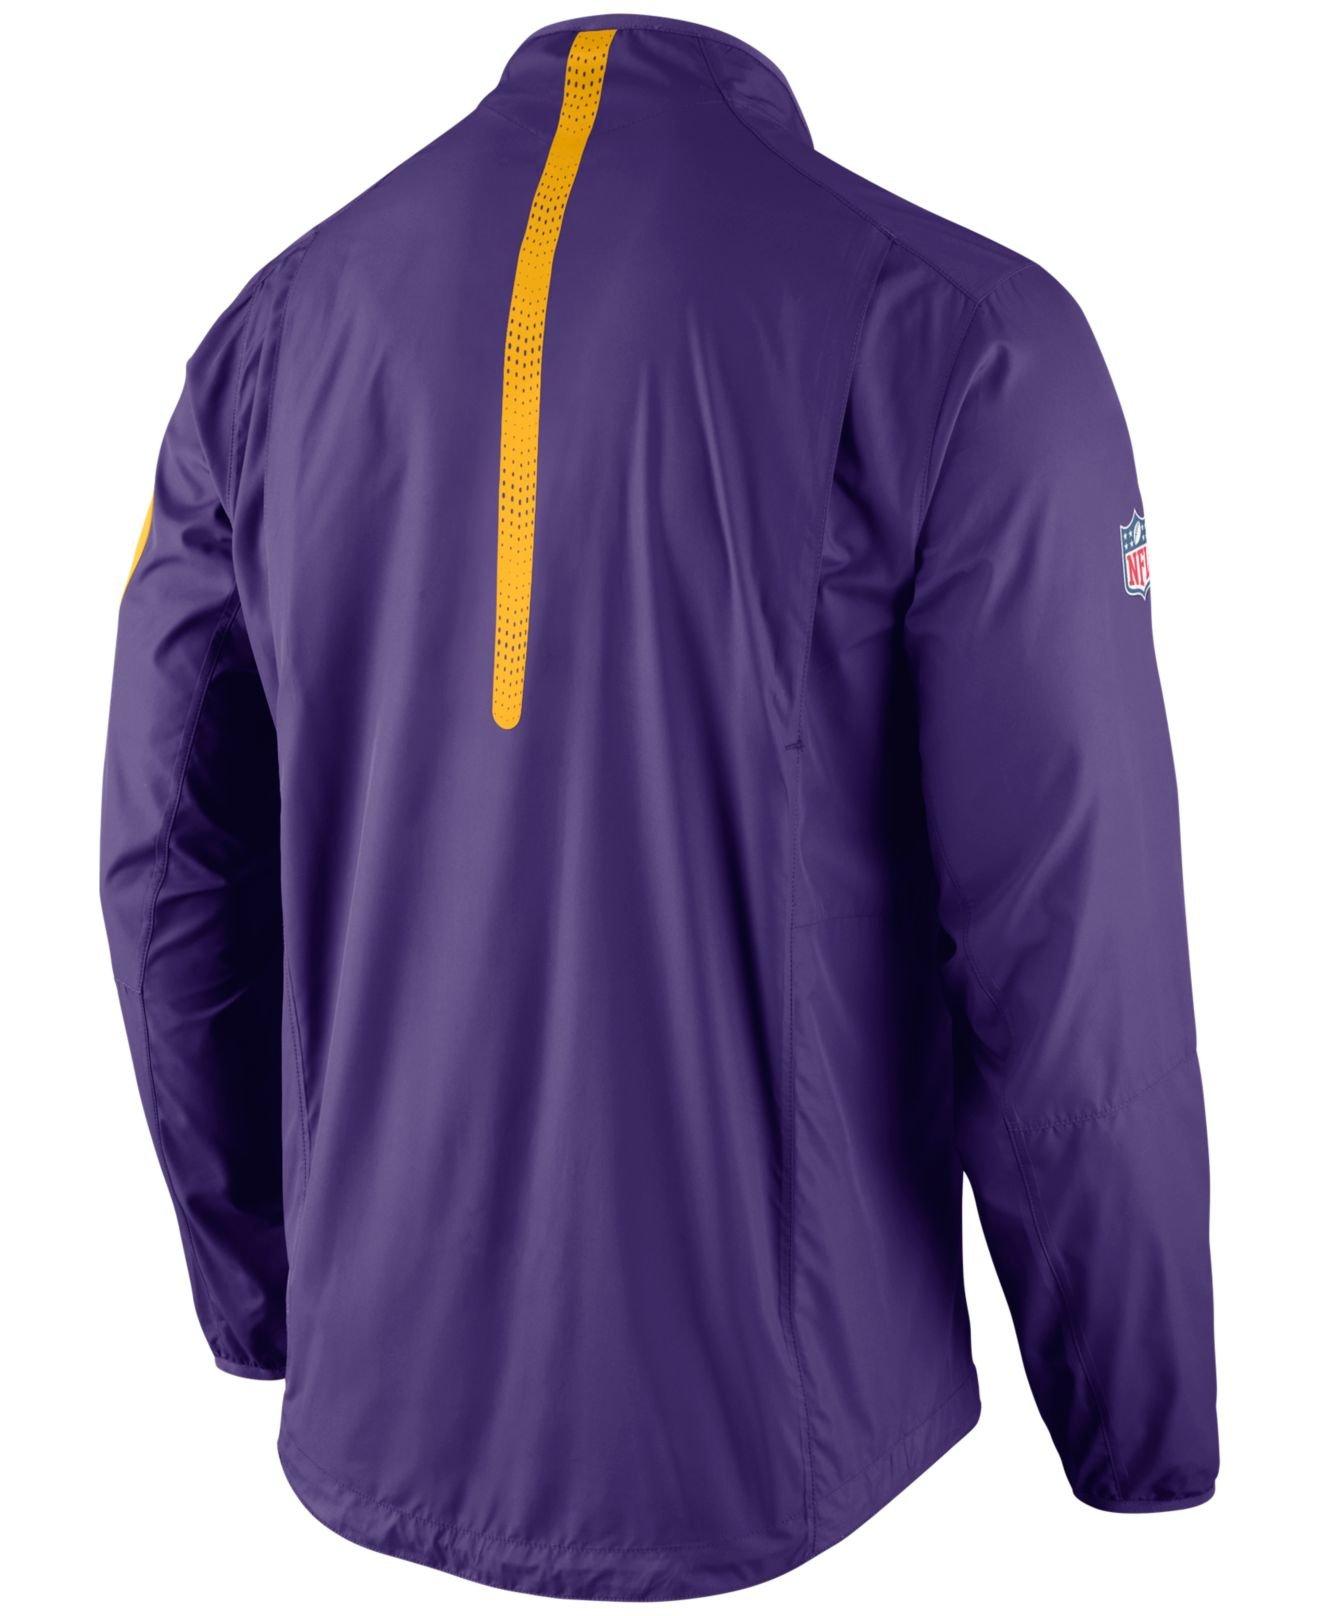 67ee57fac Lyst - Nike Men s Minnesota Vikings Lockdown Half-zip Jacket in ...